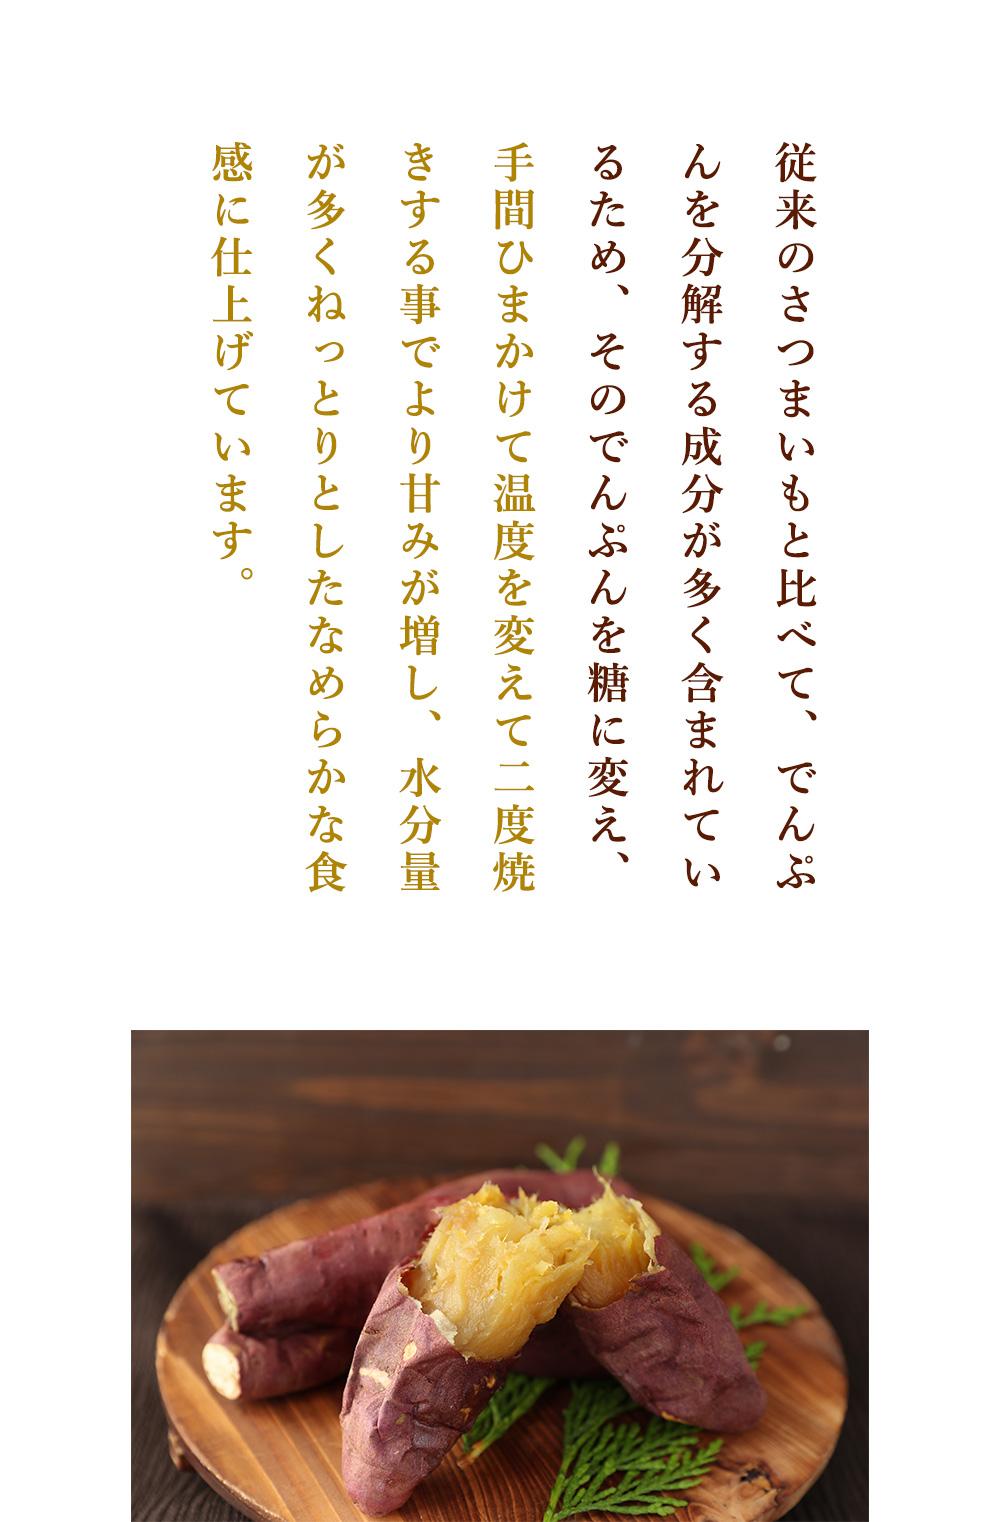 芋 スイーツ 焼いも 無添加 !濃密焼き芋4kg  クール便送料無料! ねっとりした甘い焼きいも(紅はるか)の大容量セット2kg! 和菓子 焼芋 やきいも